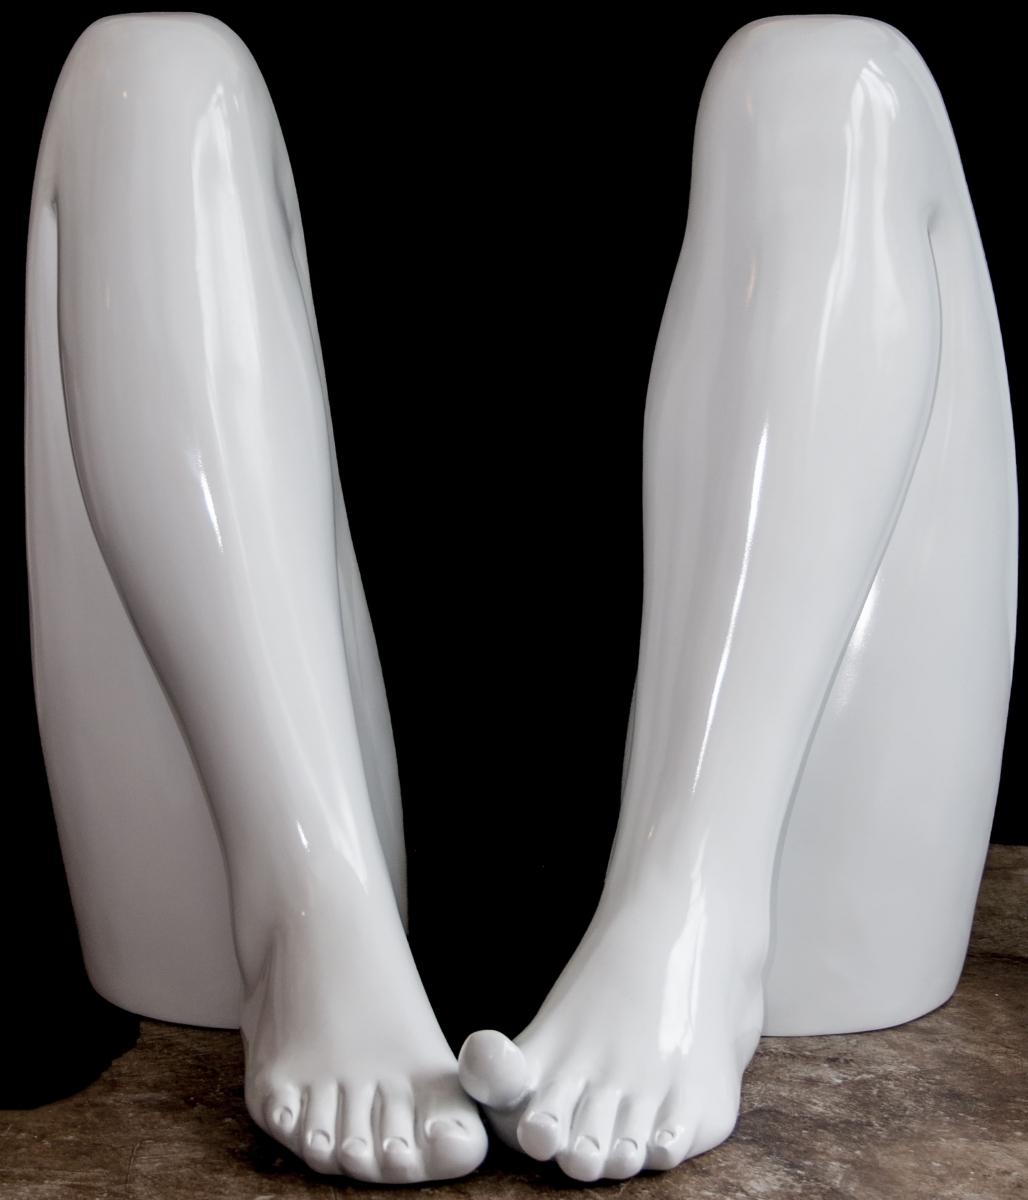 pernas-vergonha-shy-legs-sculpture-escultura